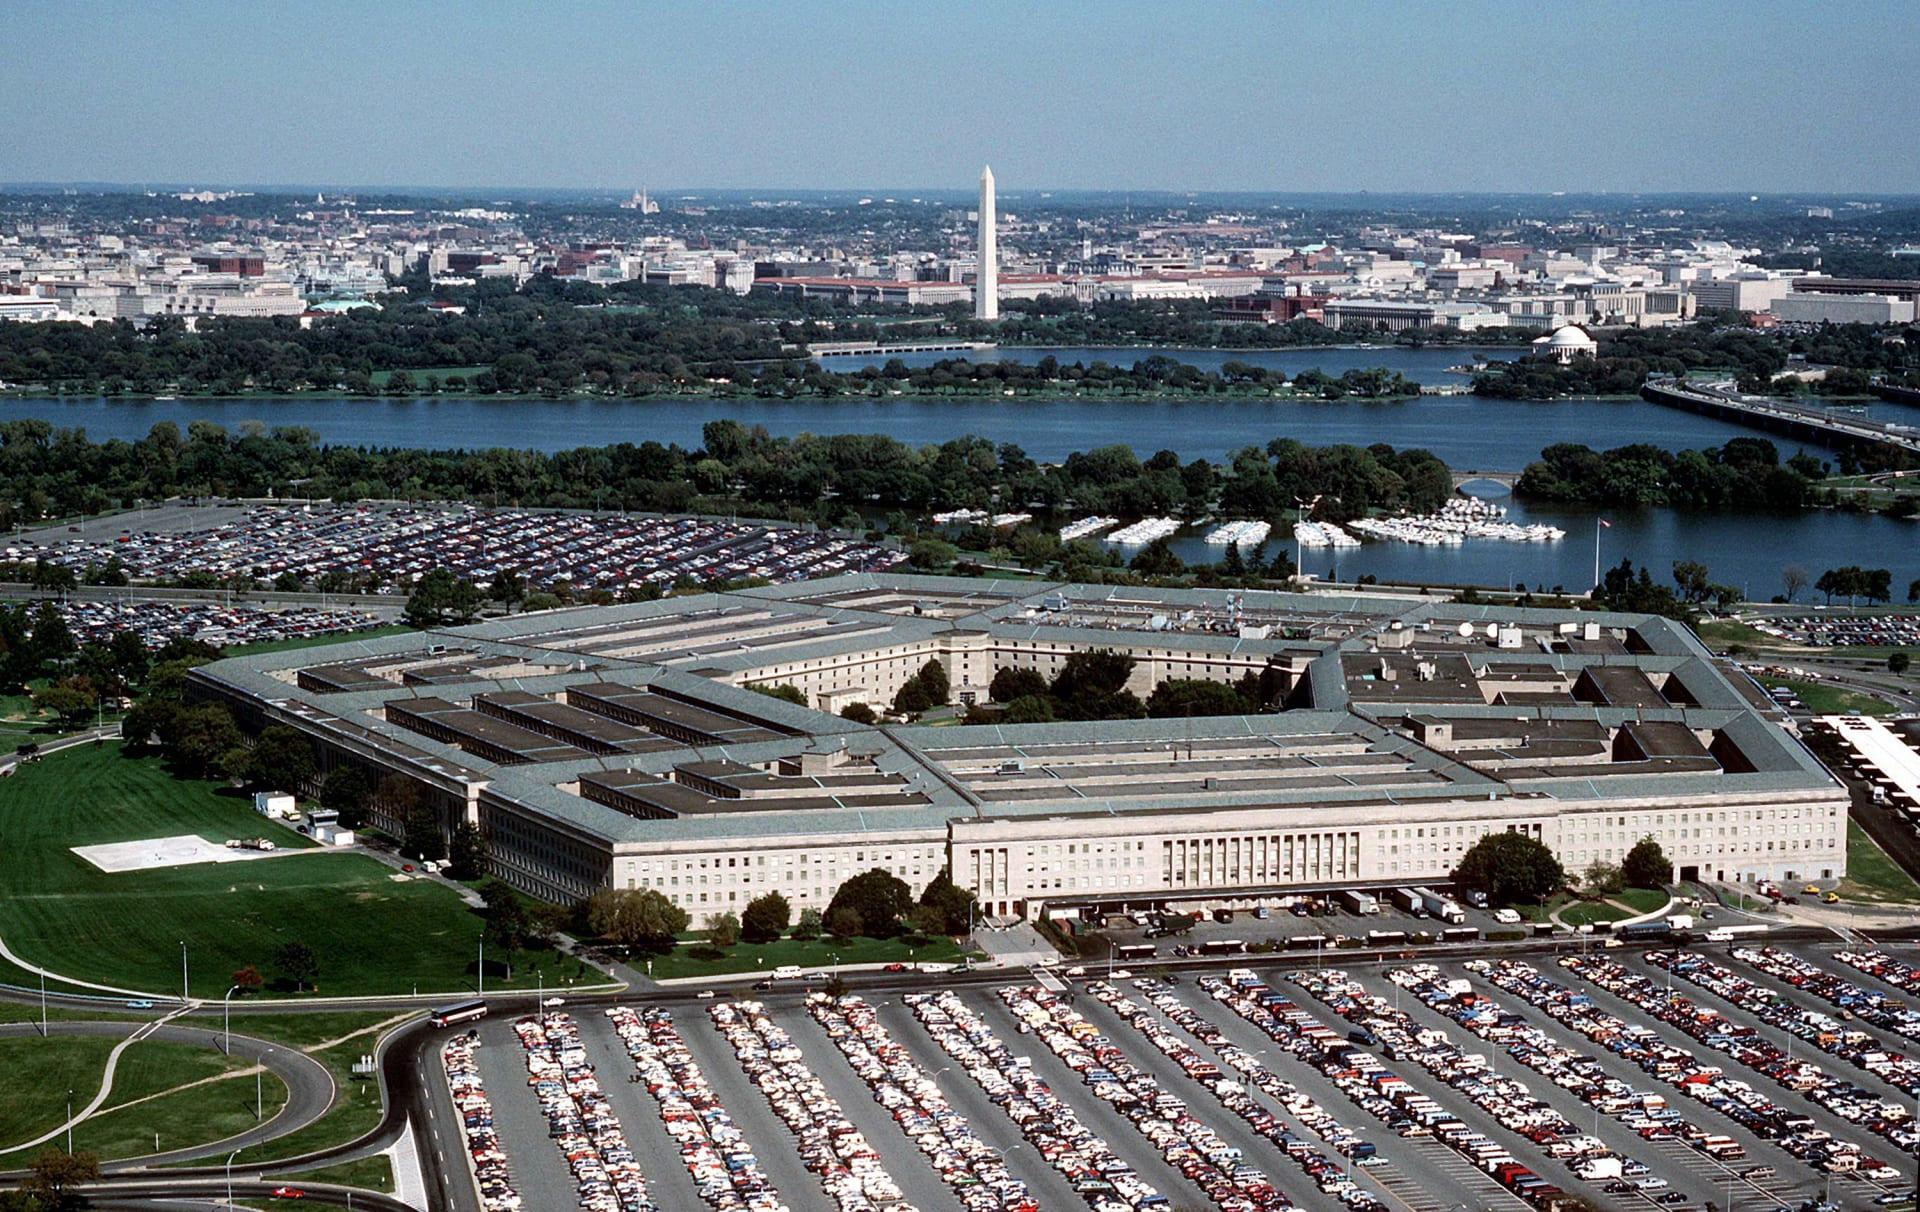 البنتاغون: علاقتنا العسكرية مع السعودية يحددها الدبلوماسيون